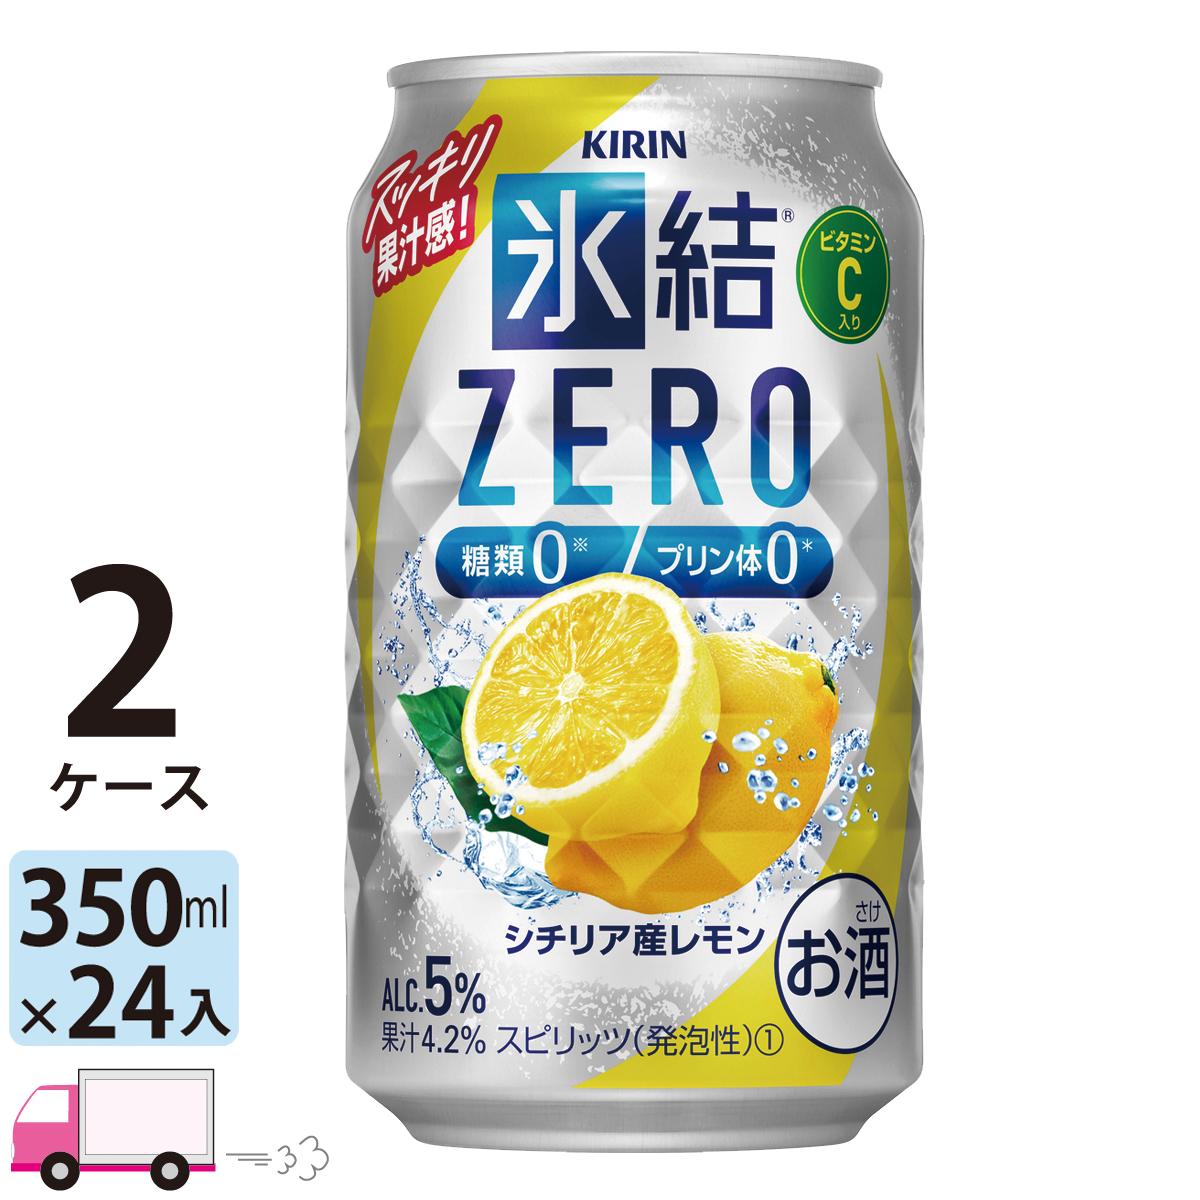 シチリア産レモンの氷結ストレート果汁を主に使用した 新作 人気 クリアで爽快なおいしさ 送料無料 キリン 返品不可 シチリア産レモン 48本入り 氷結ZERO 350ml缶×2ケース